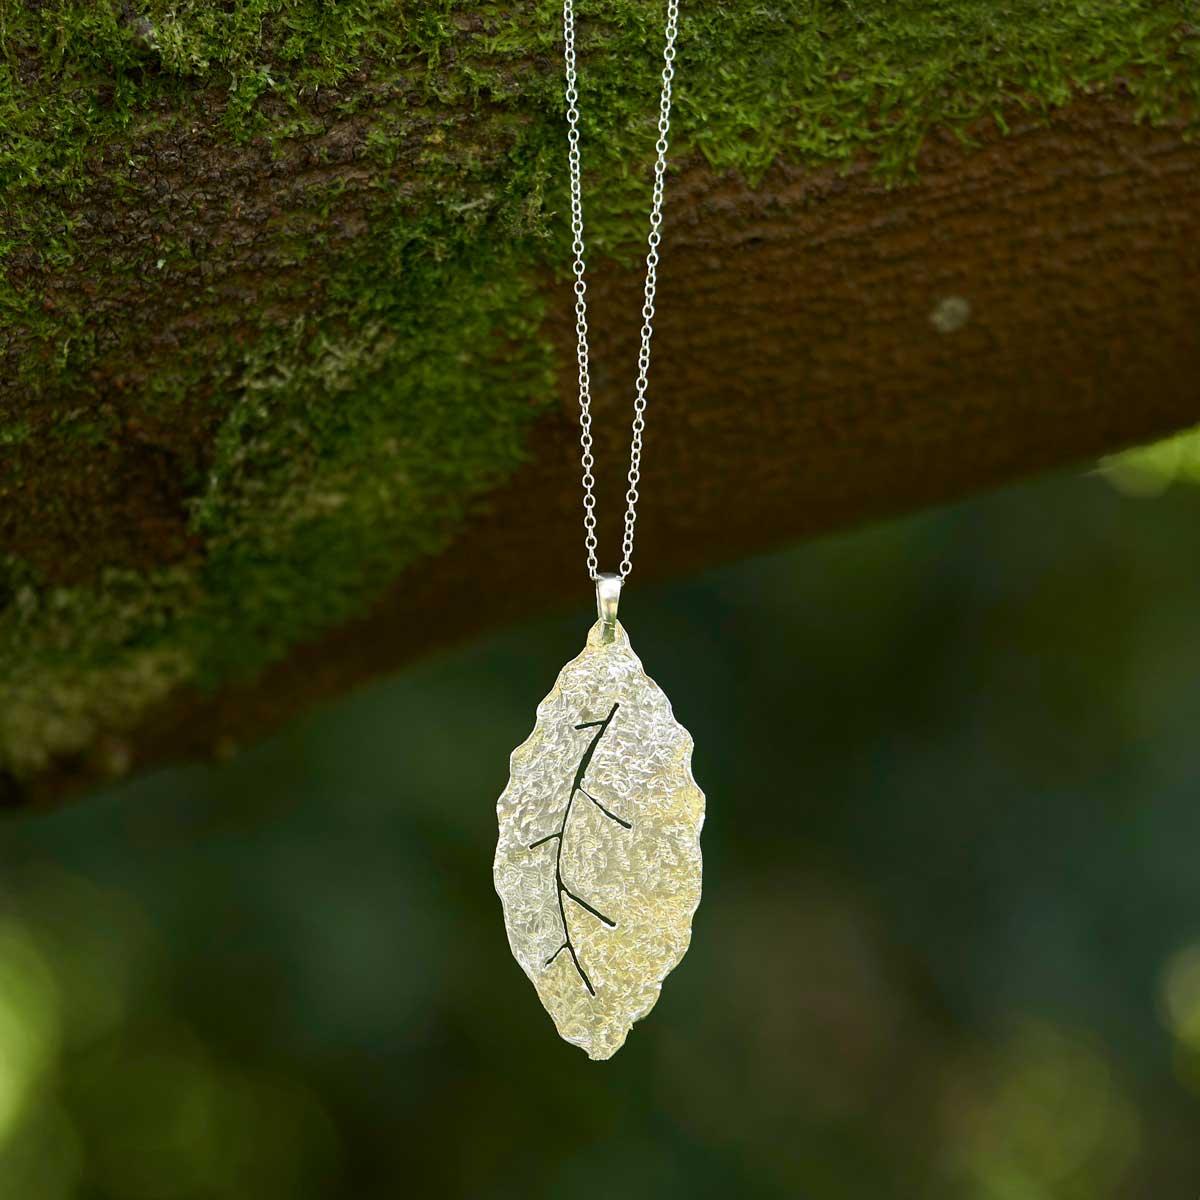 Collar de plata modelo Natura2, joyería artesanal de diseño. Joyas Siliva.